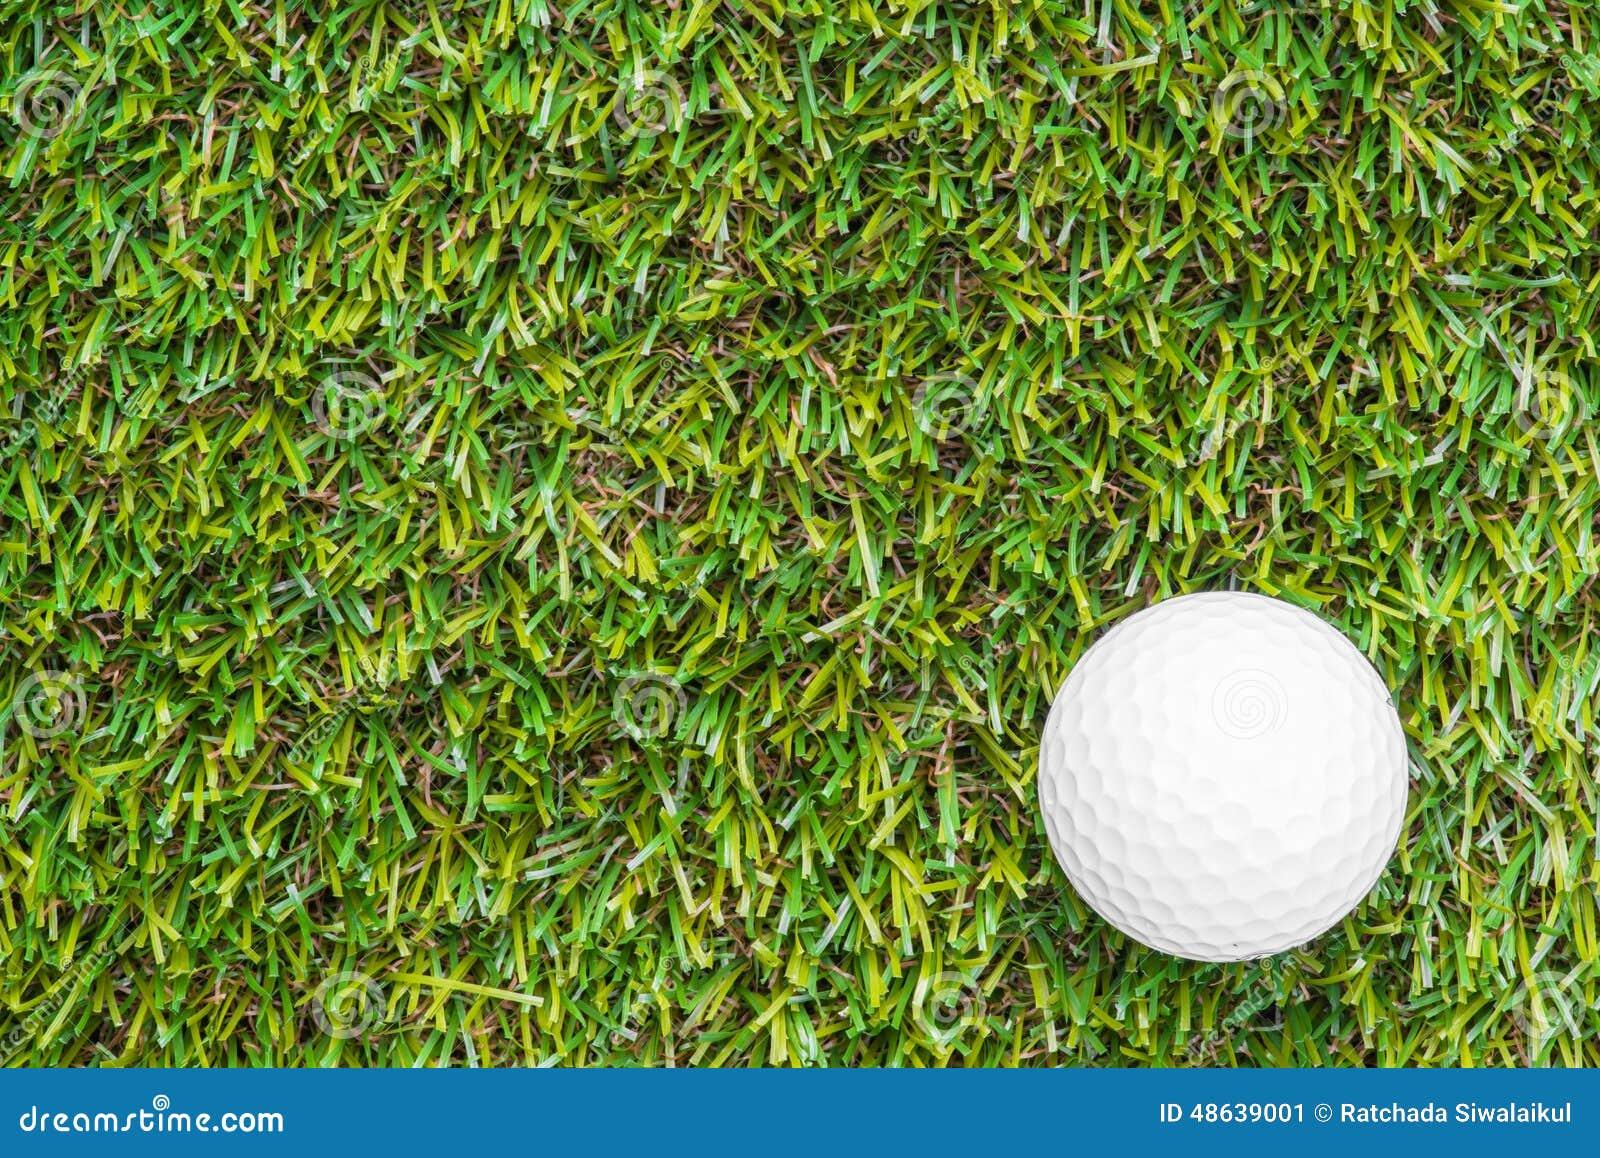 Club de golf y bola en hierba